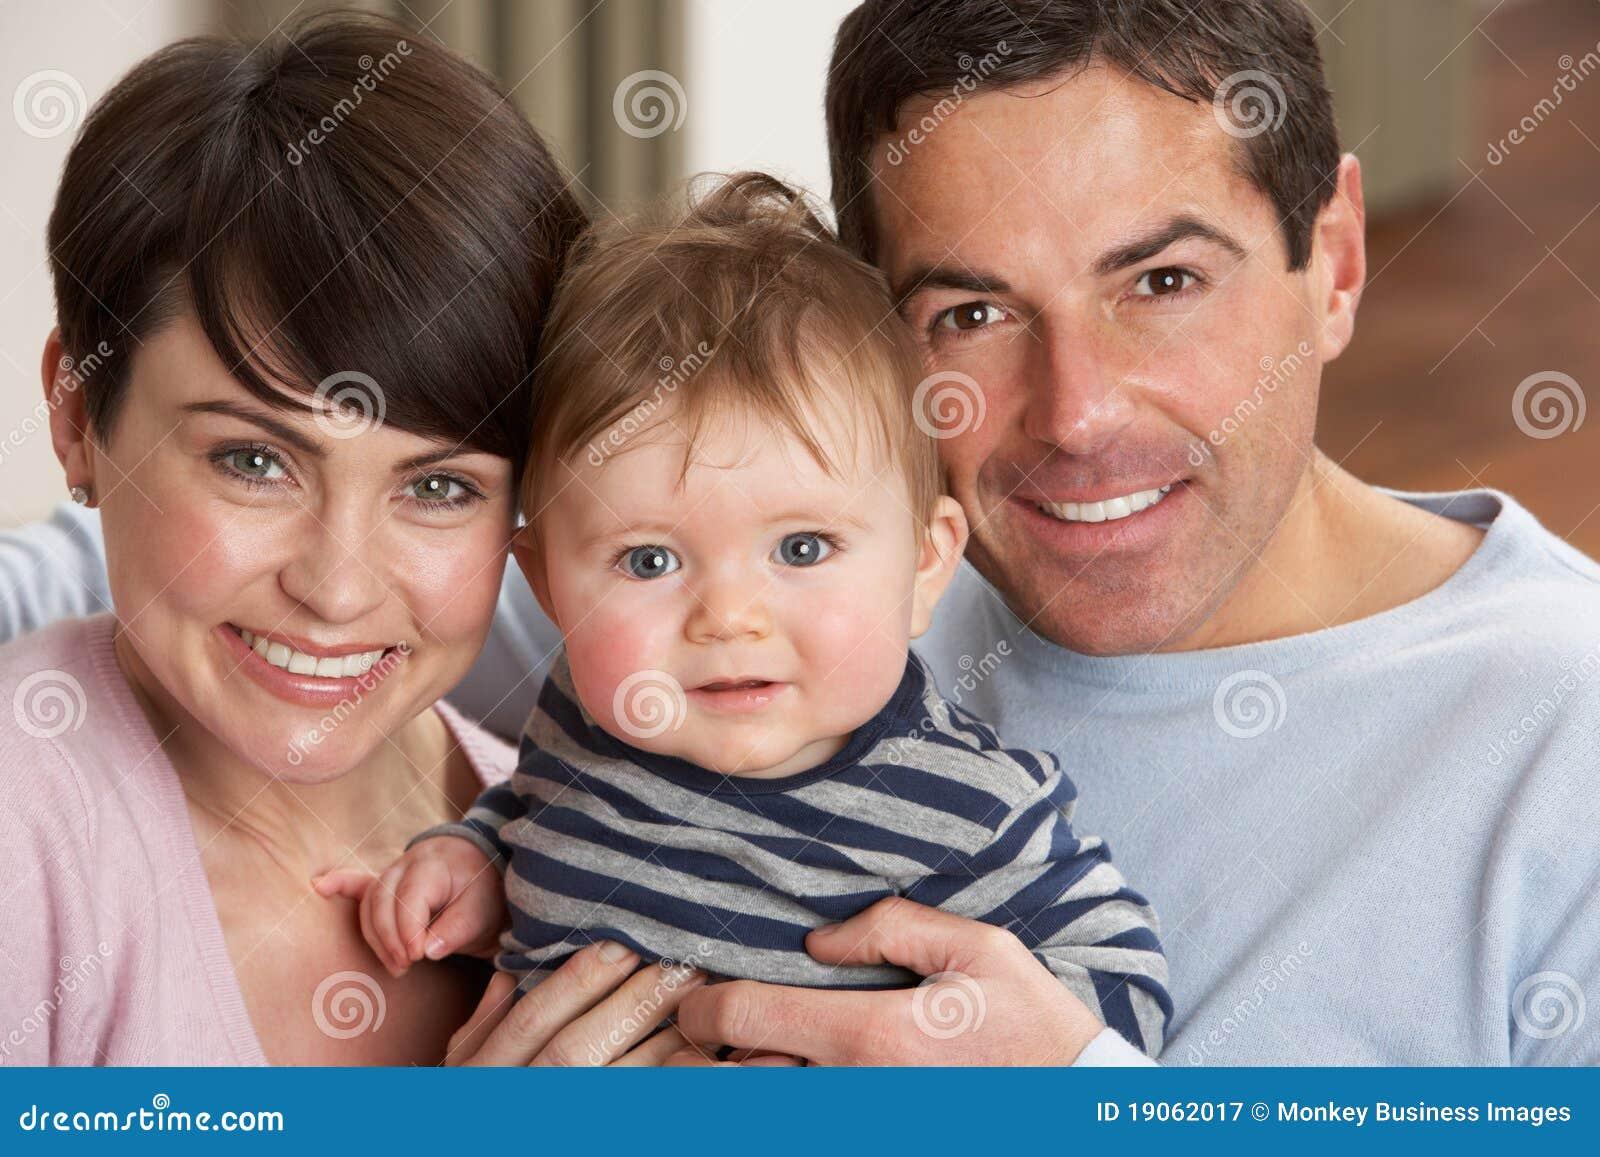 Фото молодых пар с детьми